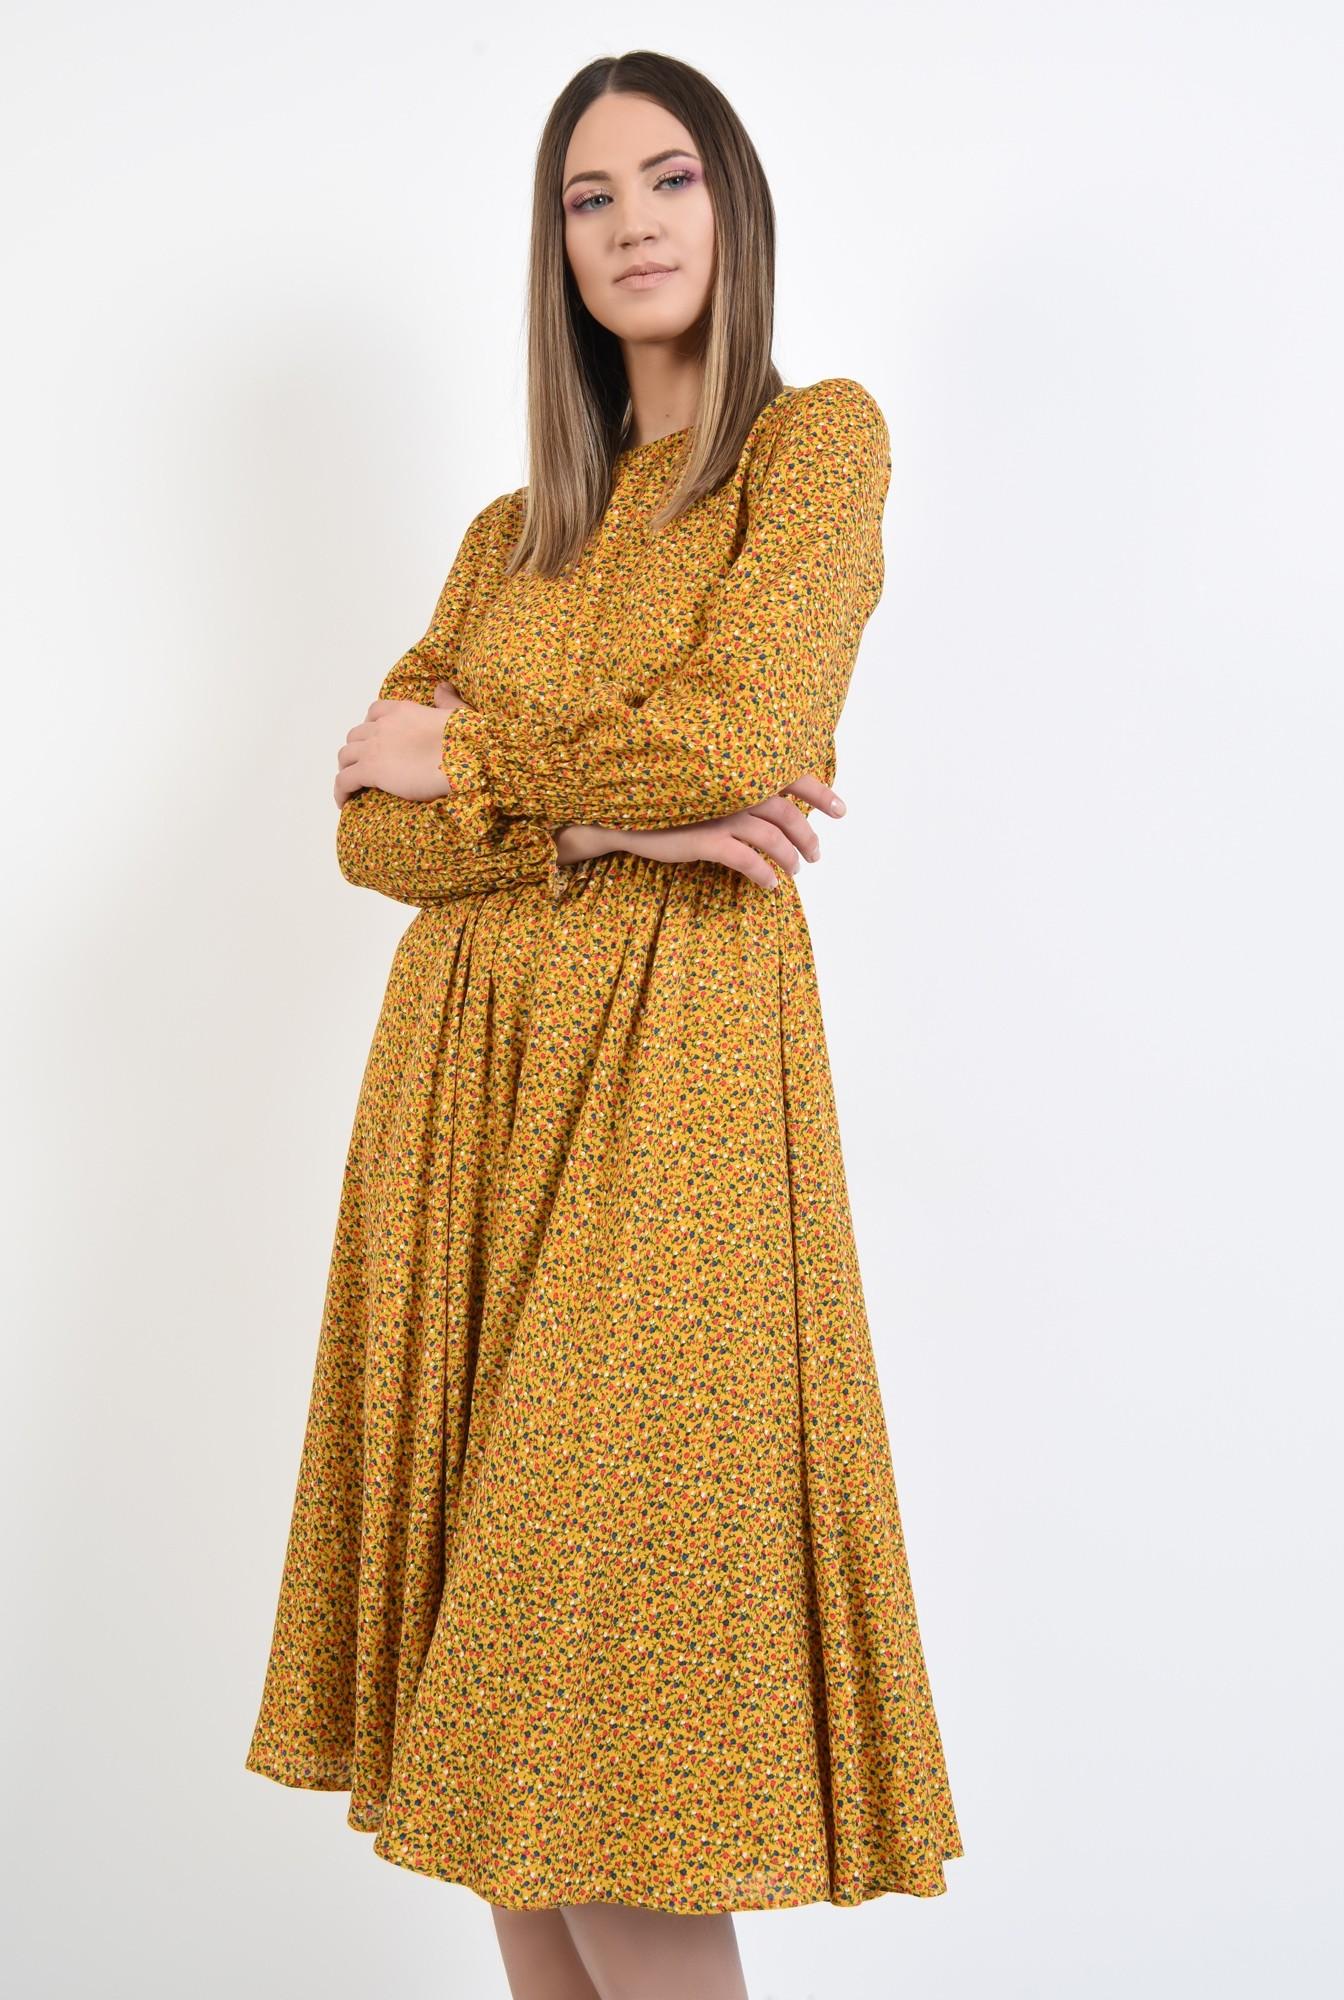 2 - rochie midi, din viscoza, cu imprimeu, maneci lungi cu mansete, croi clos